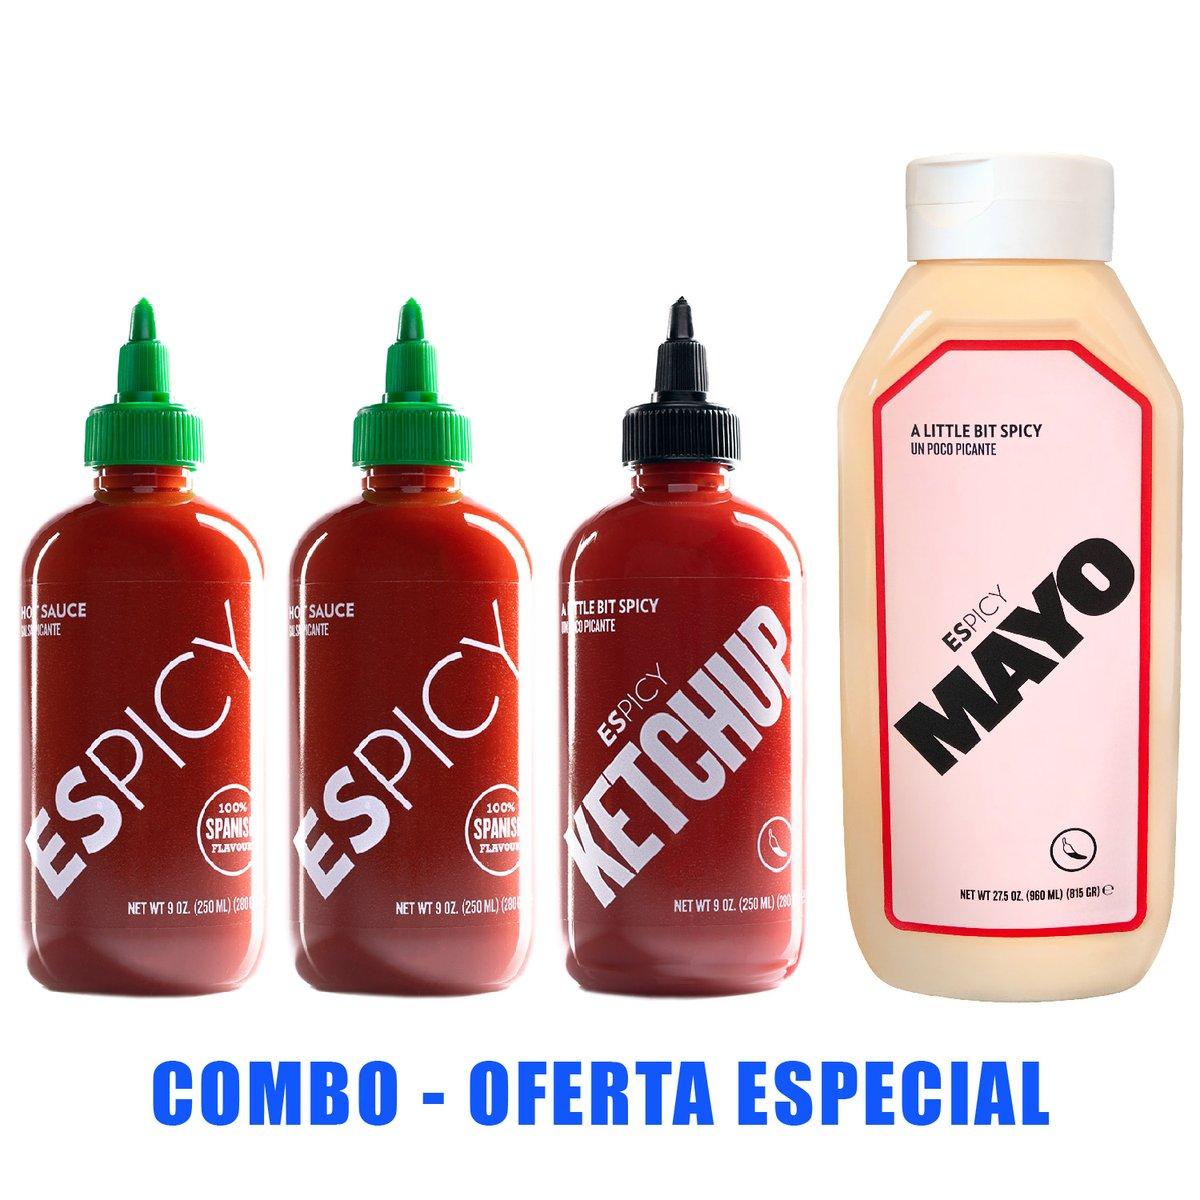 Pack ESPICY | 2 Hot Sauce + 1 Ketchup + Mayo King [960ml]